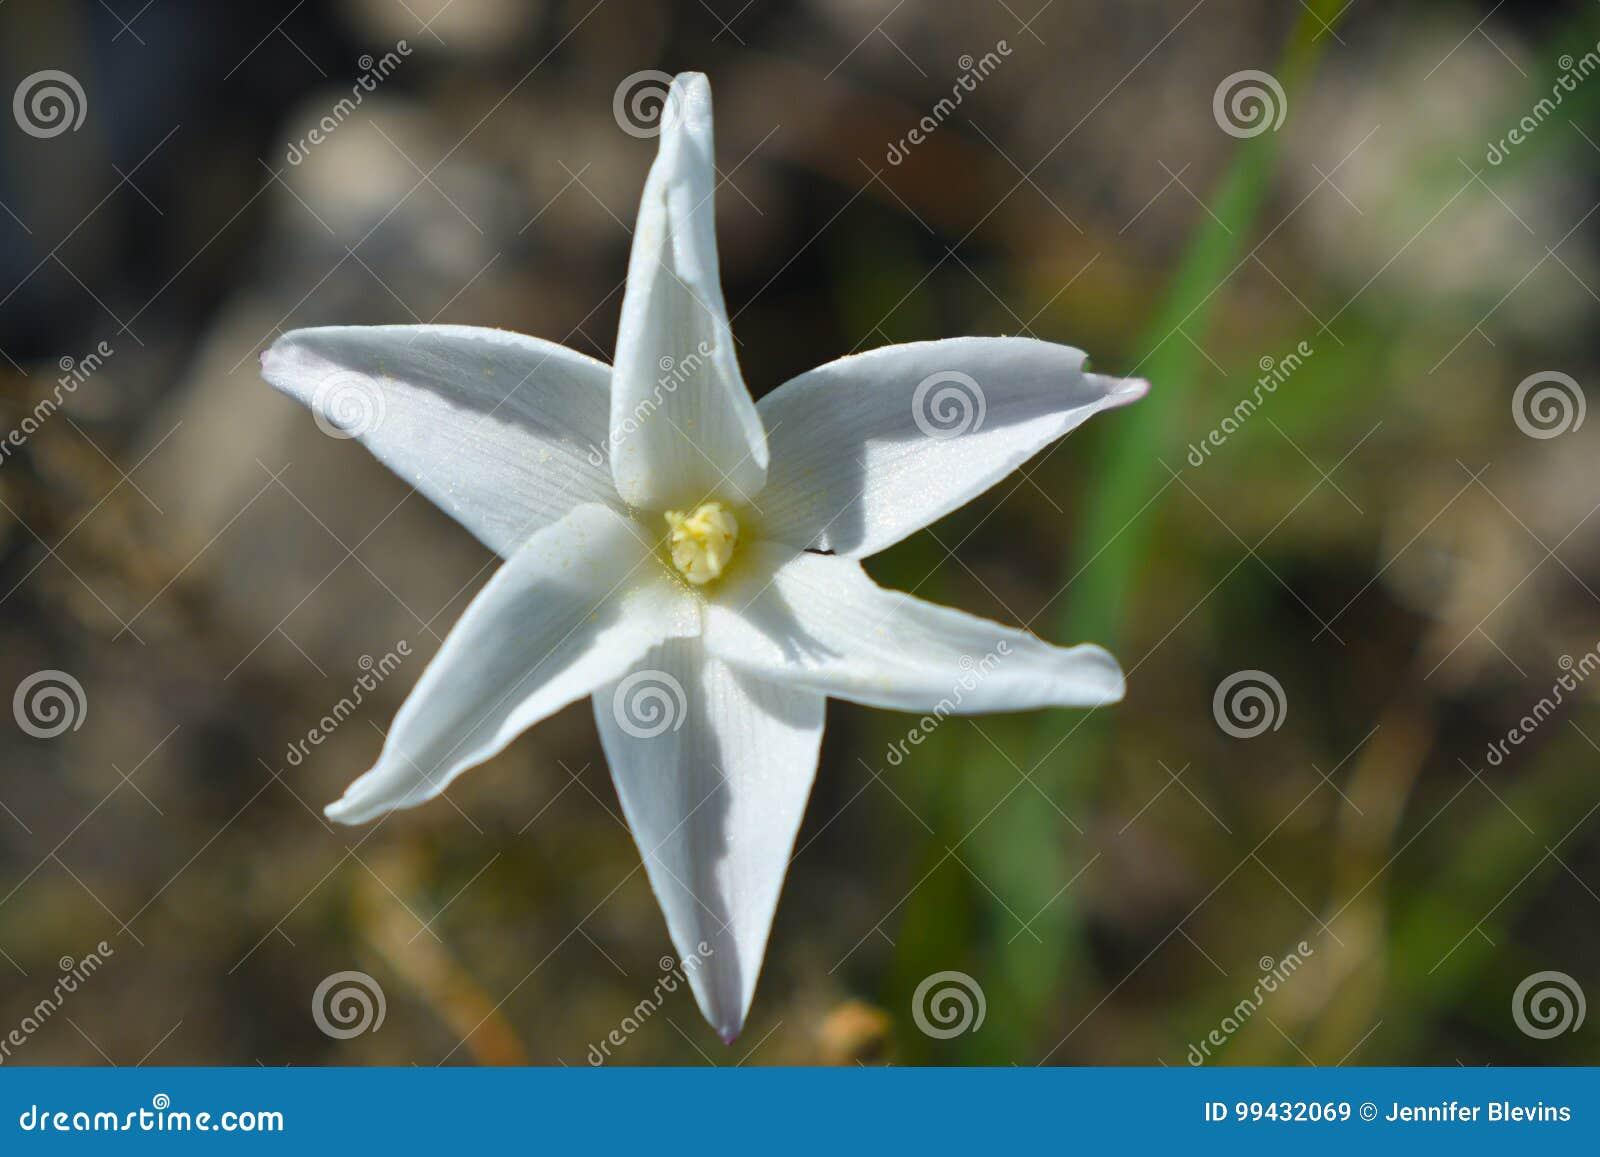 White Flower Stock Image Image Of Garden Outdoors White 99432069